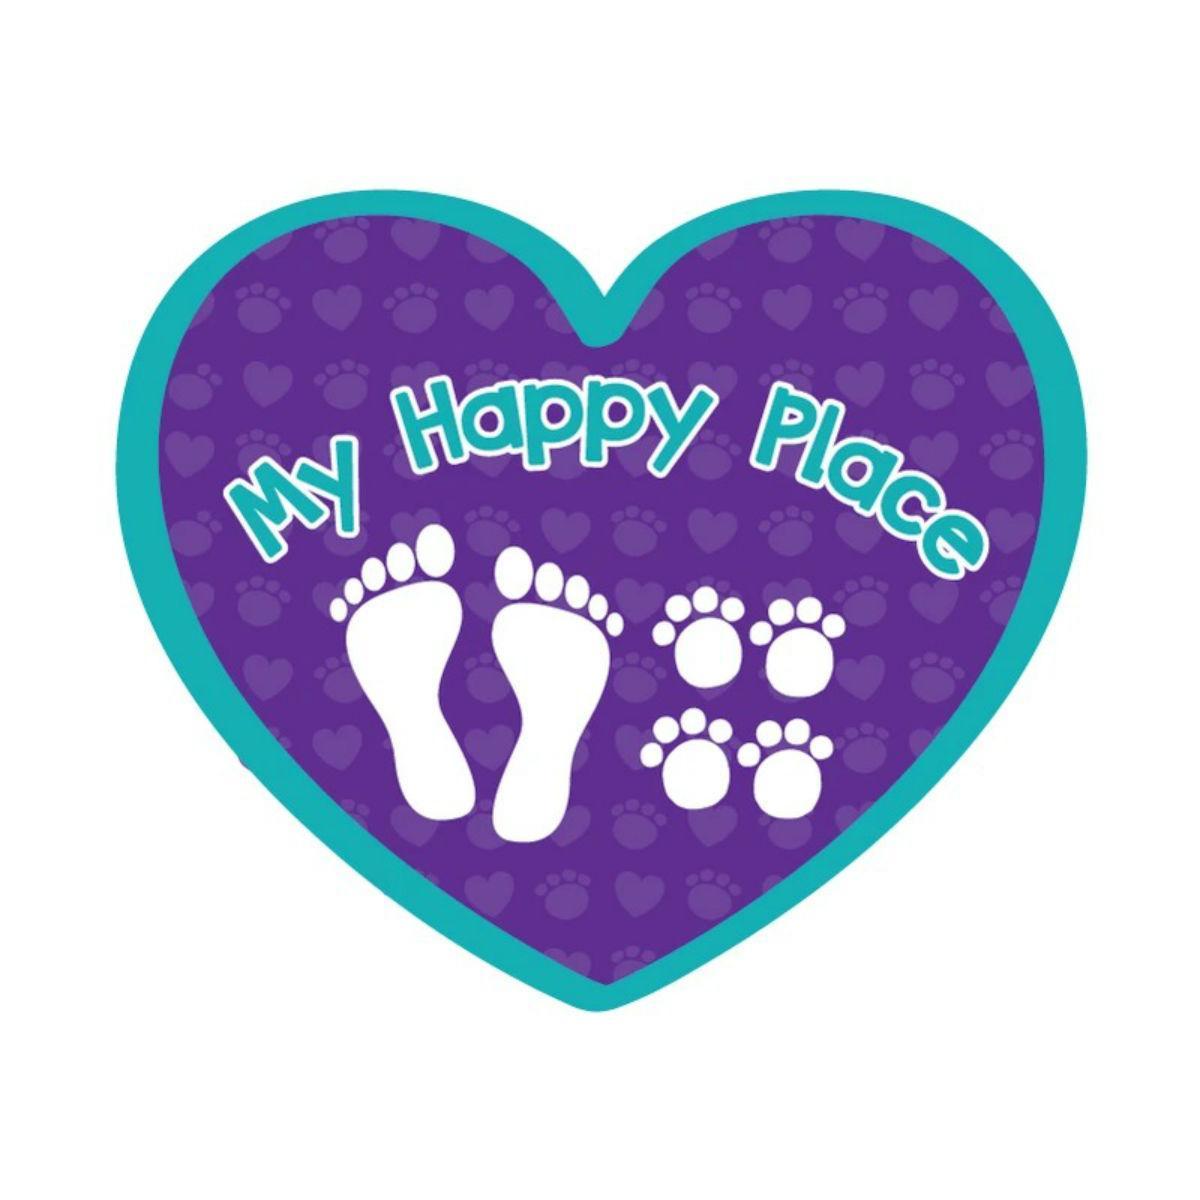 My Happy Place Sticker by Dog Speak